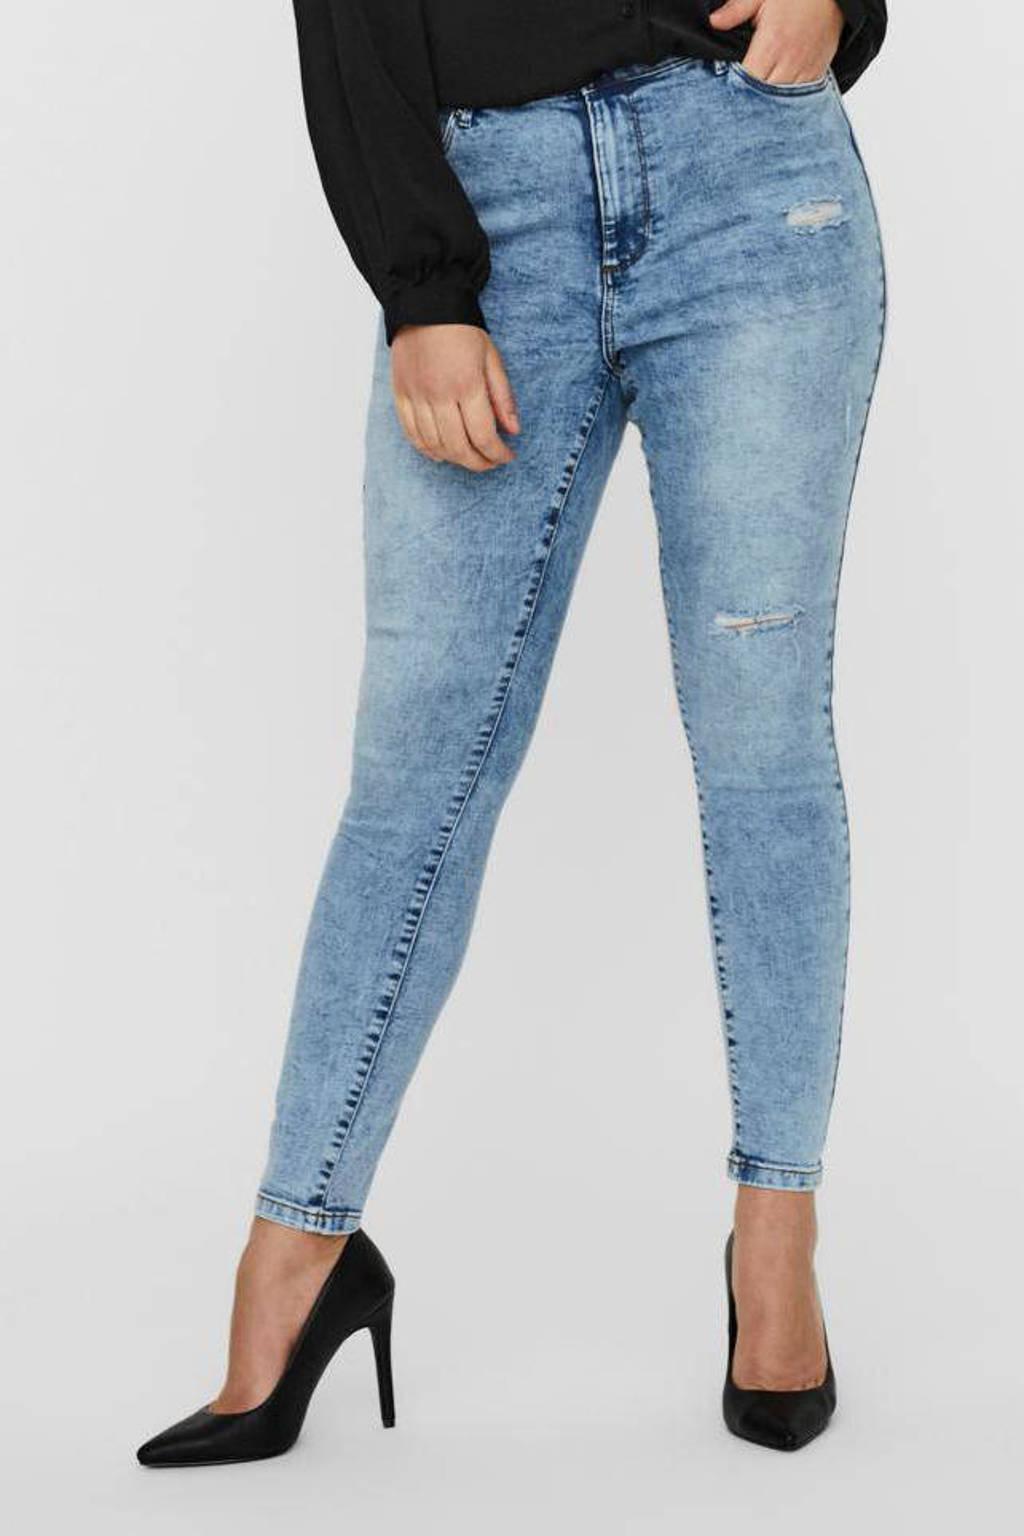 VERO MODA CURVE skinny jeans Sophia light denim bleached, Light denim bleached